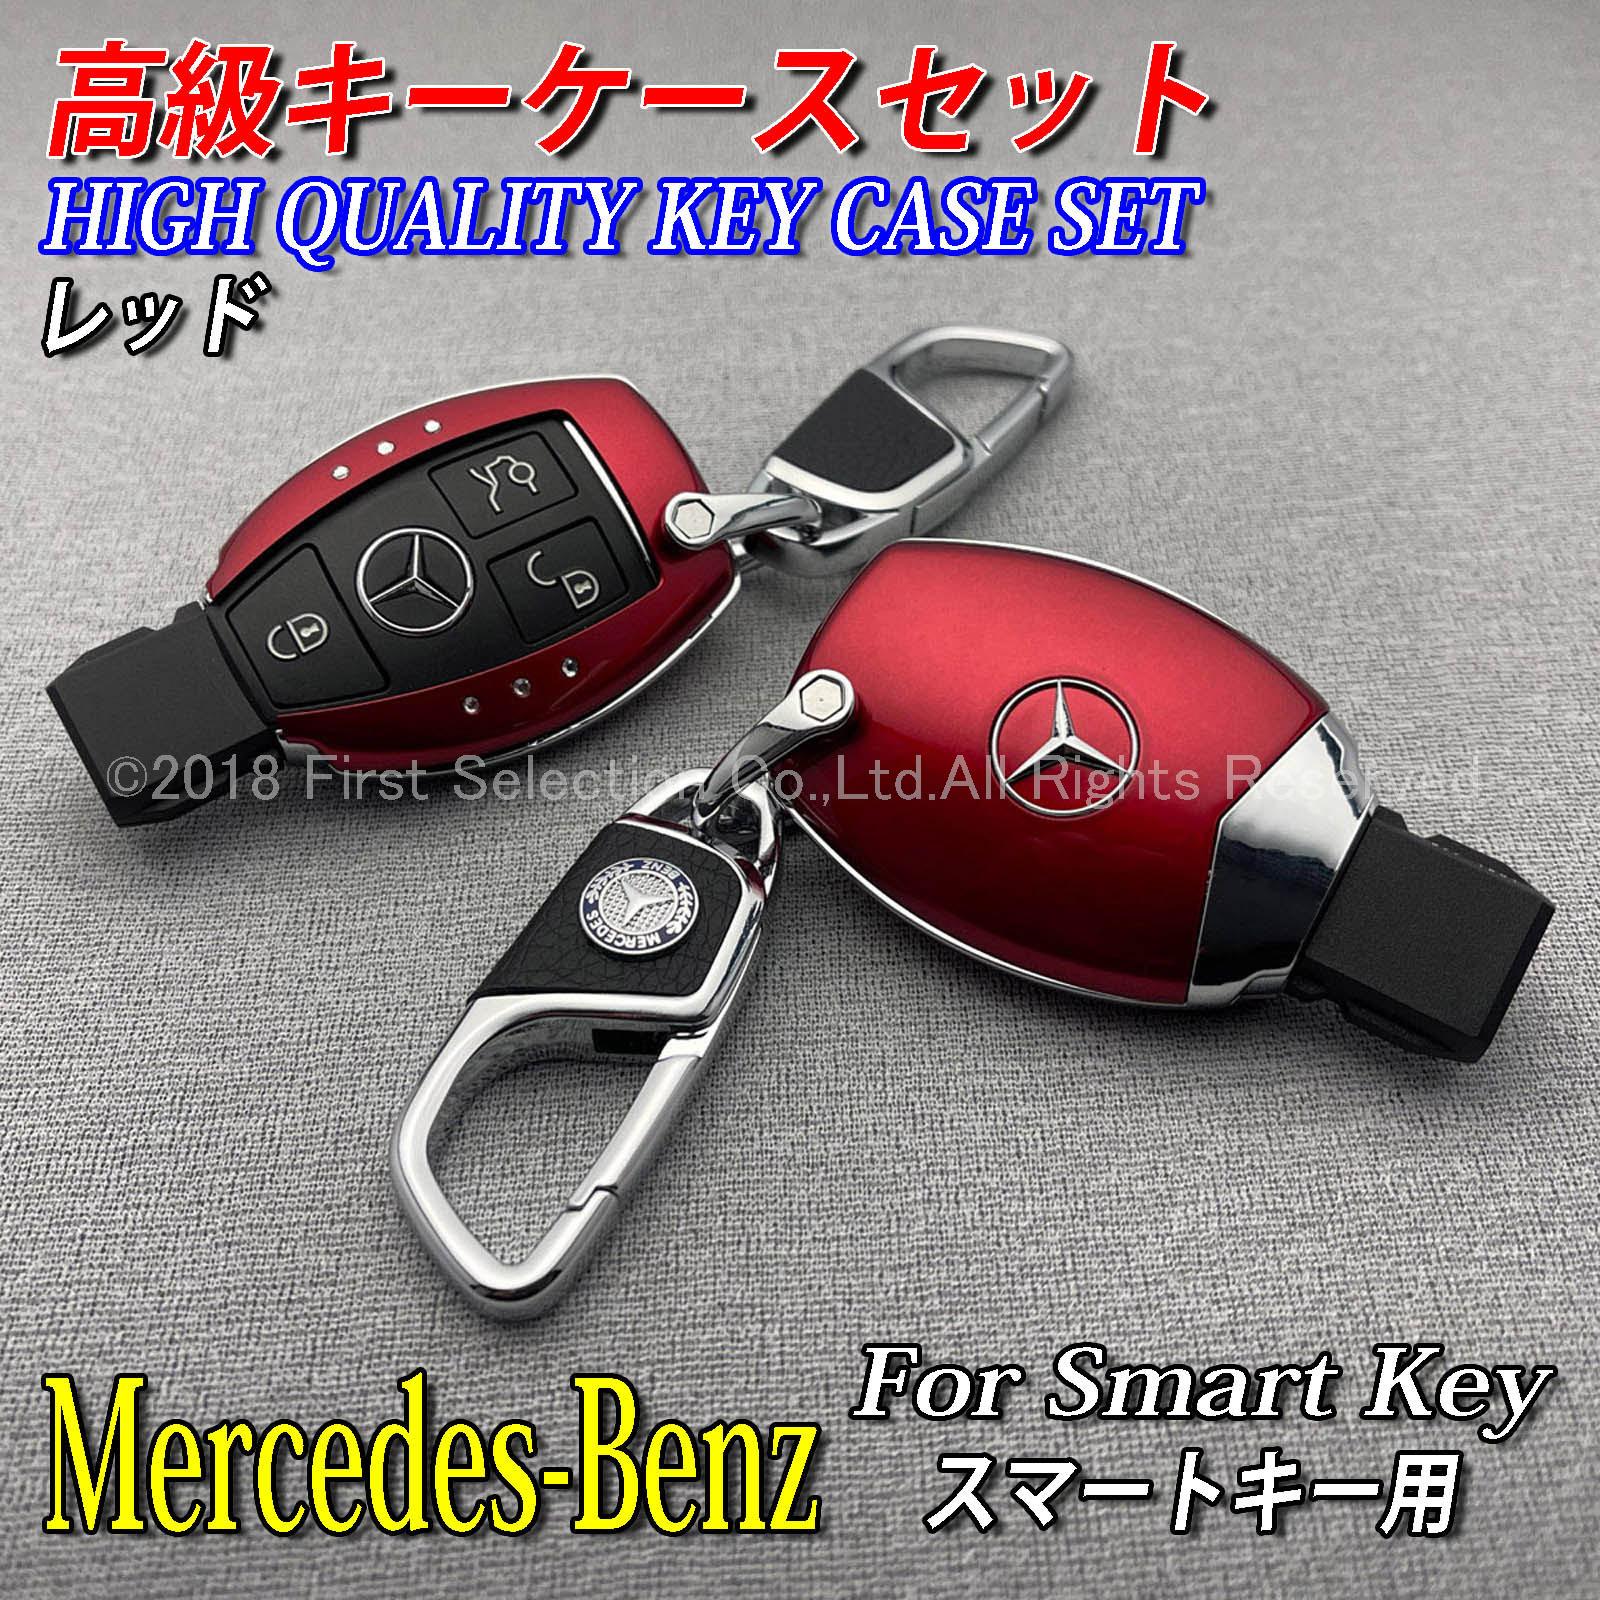 Mercedes-Benz ベンツ スマートキー用 高級キーケースセット 艶赤 W176 W246 W205 W212 W222 W447 C117 C218 X156 X253 W166 X166